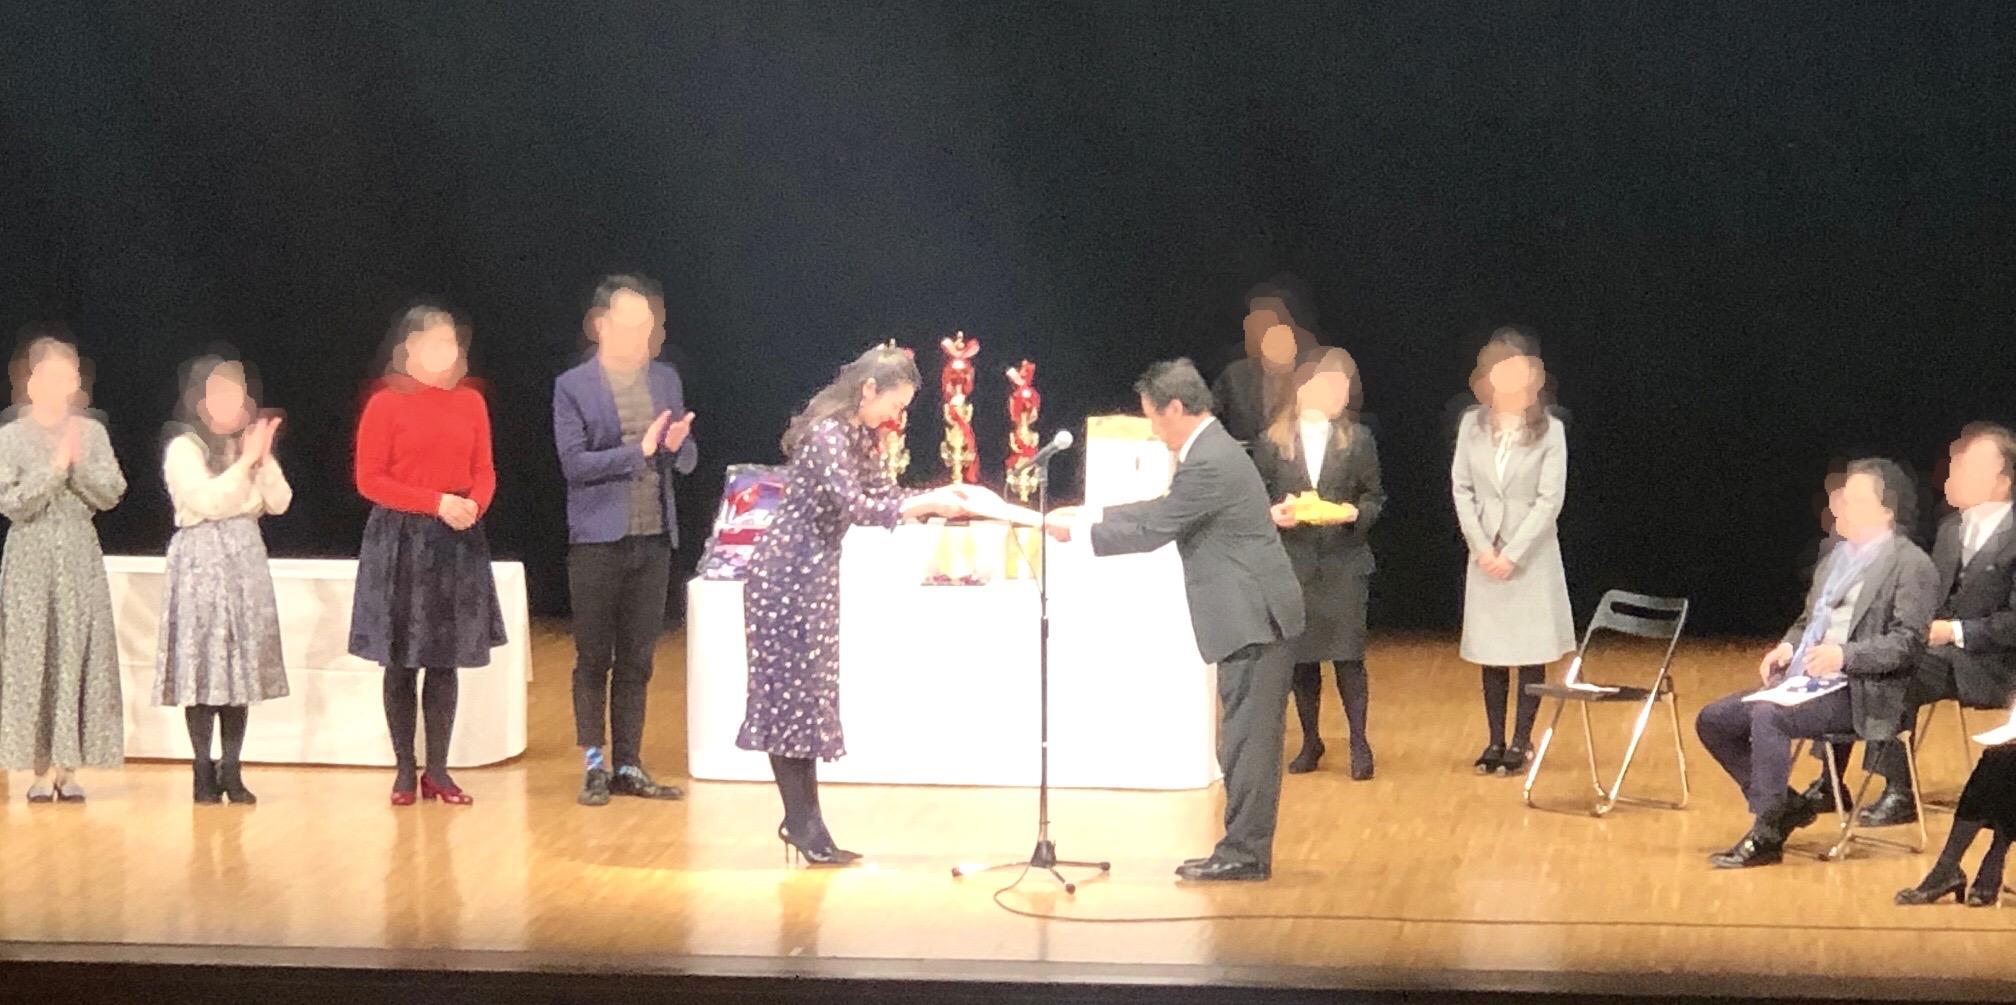 【朗報】音楽学部卒業生が声楽コンクールで特別賞受賞